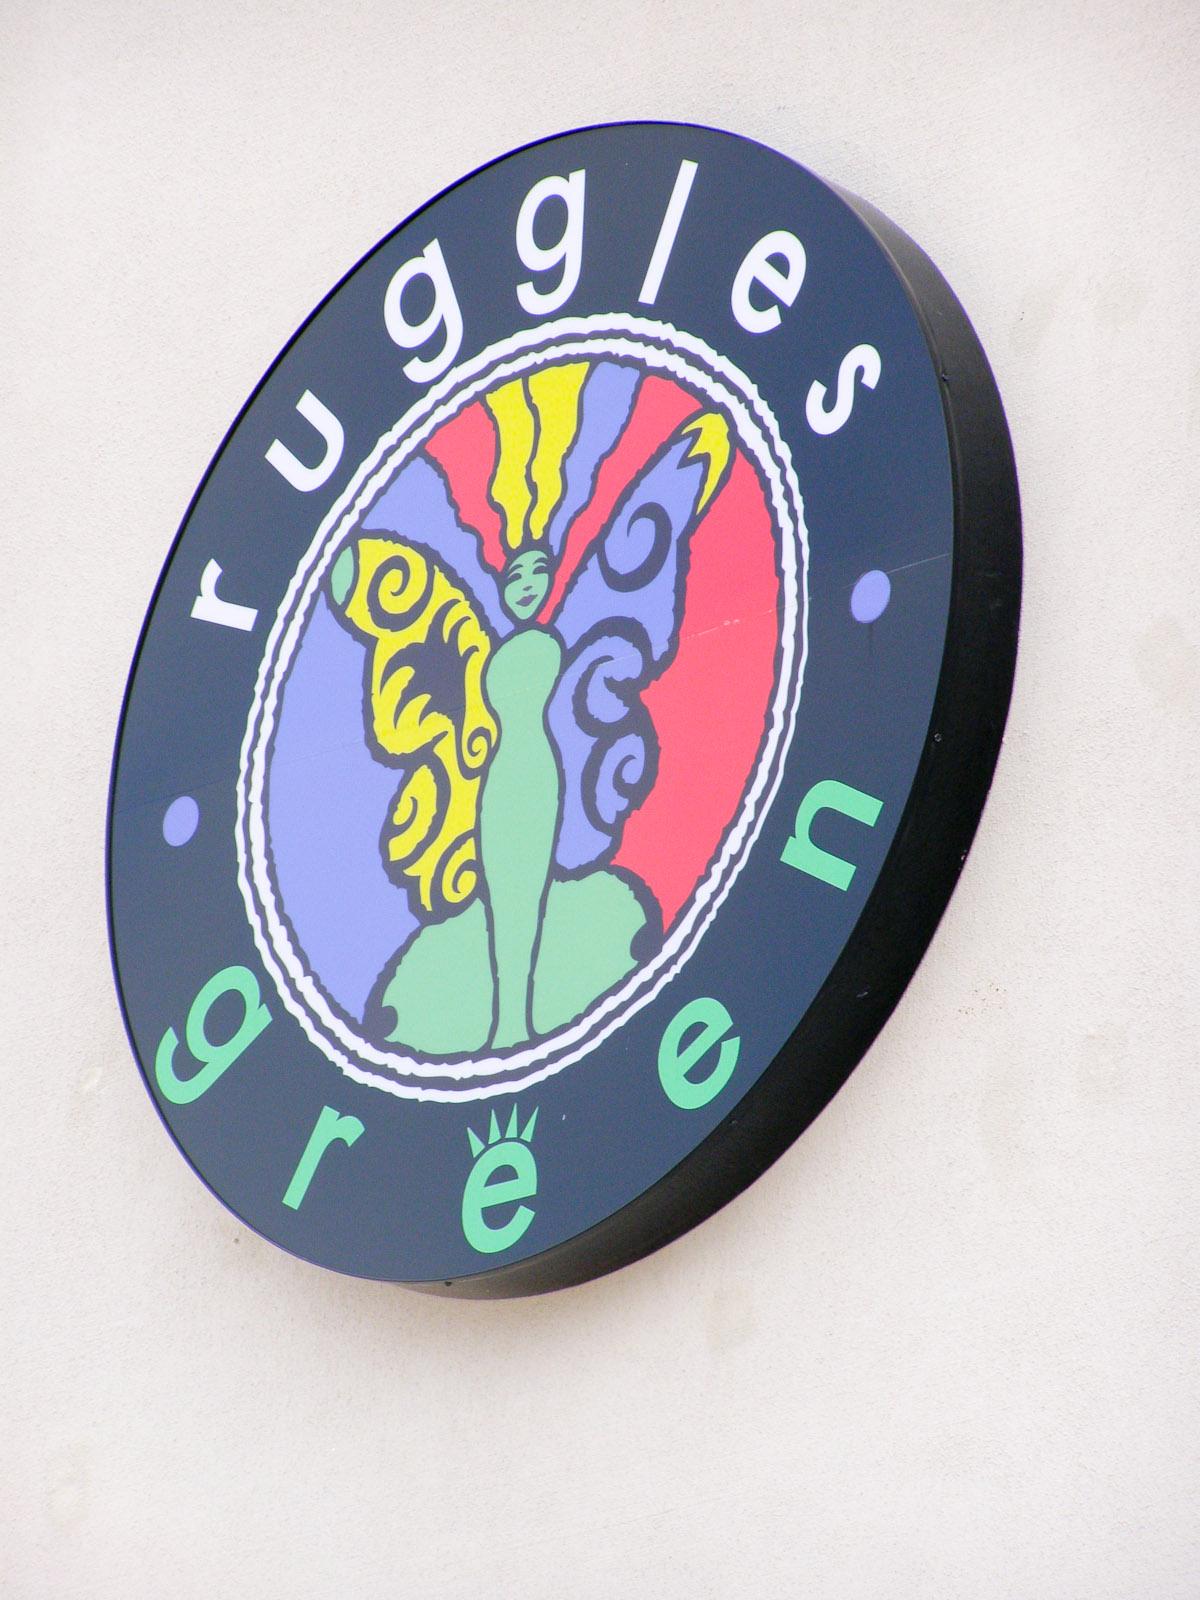 News_Ruggles Green logo_sign